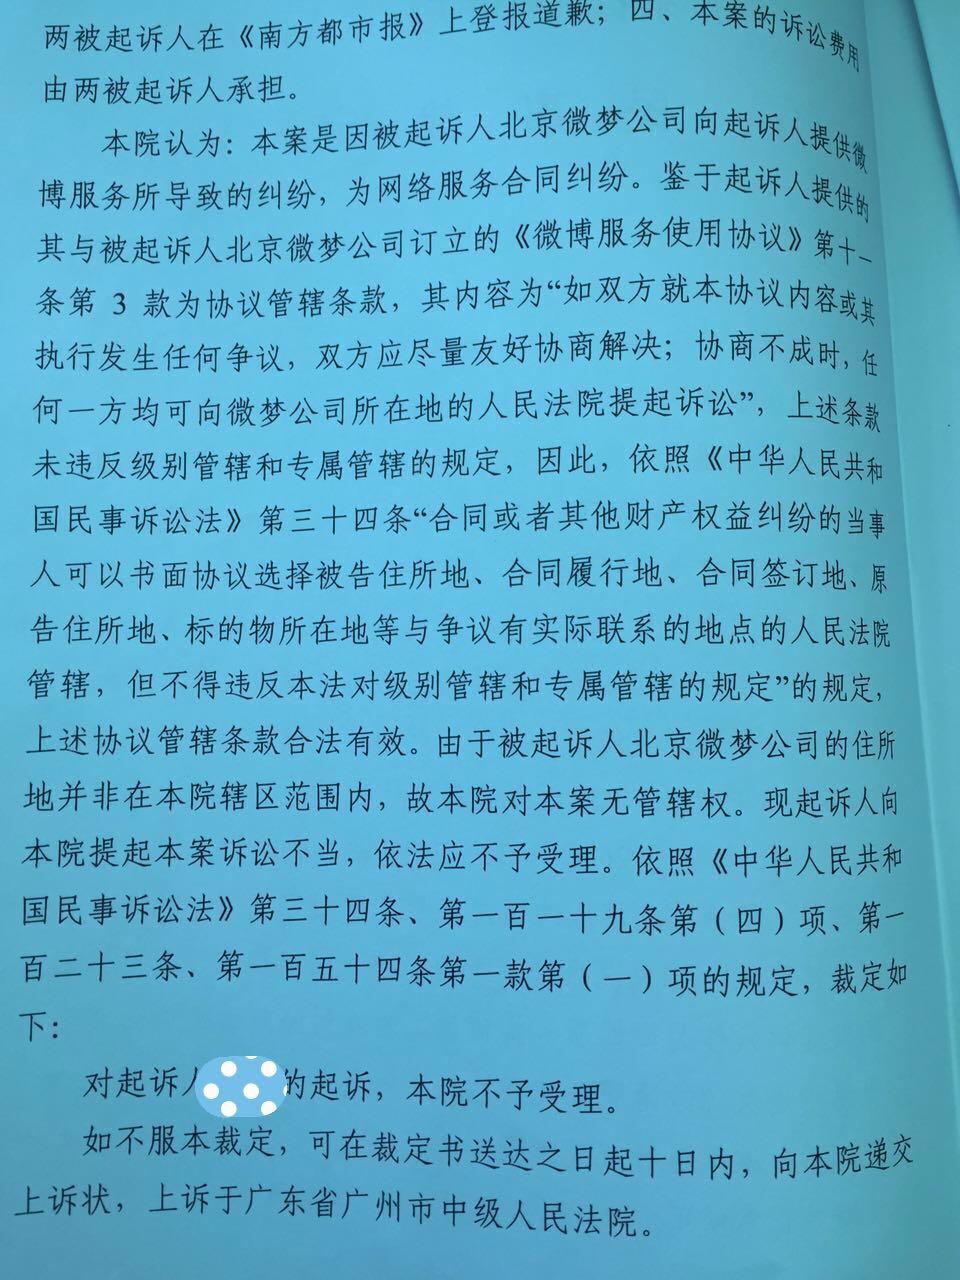 廣州市天河區人民法院民事裁定書(第2頁)